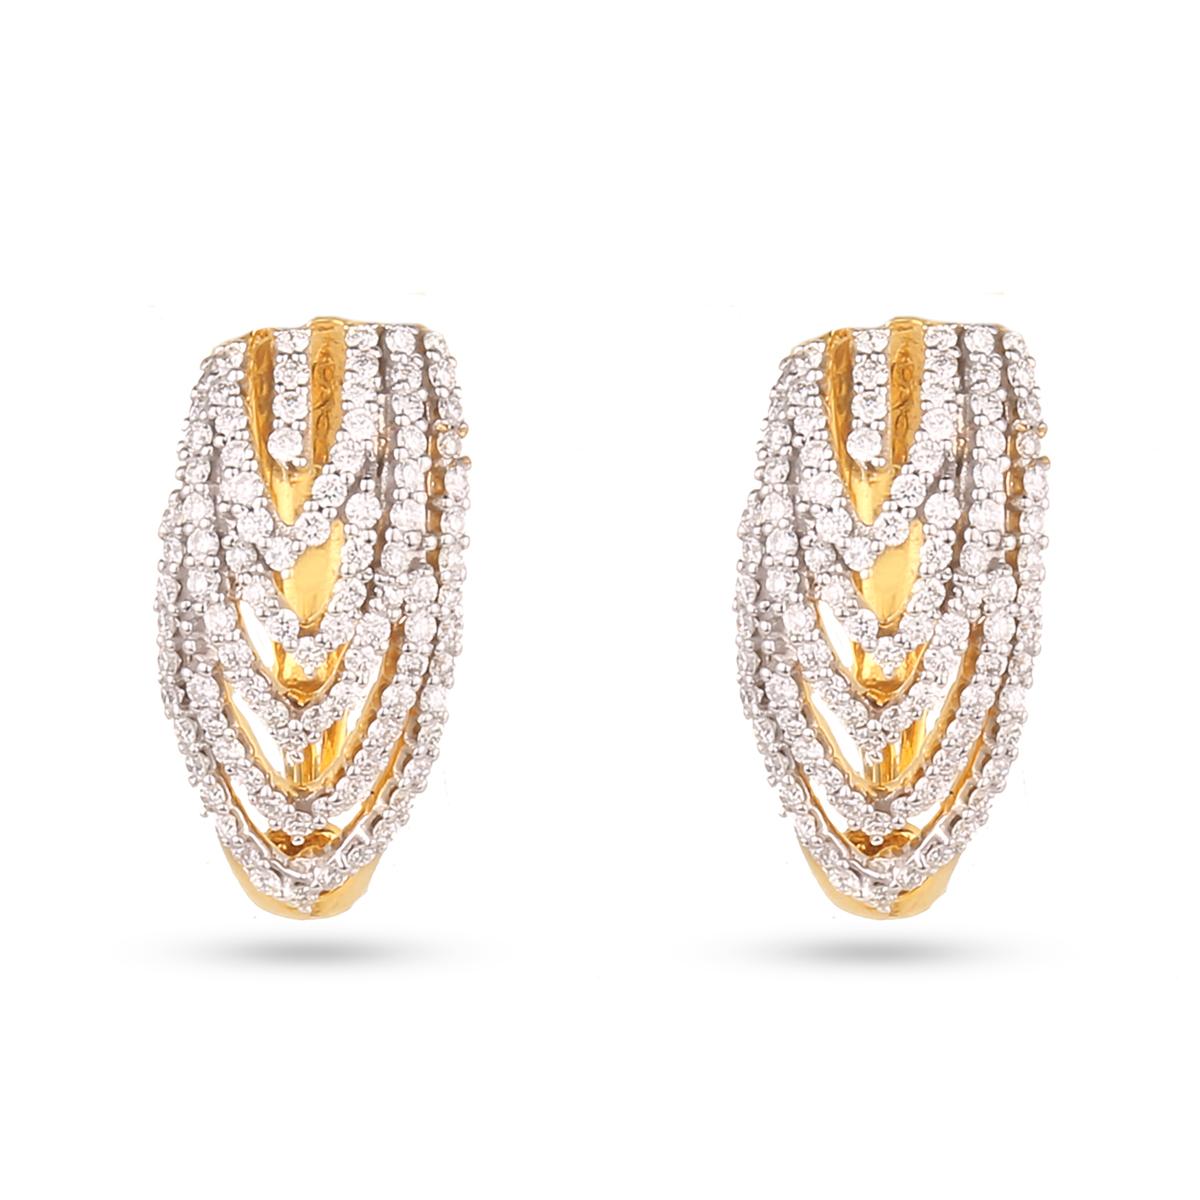 Majestic Diamond Earrings